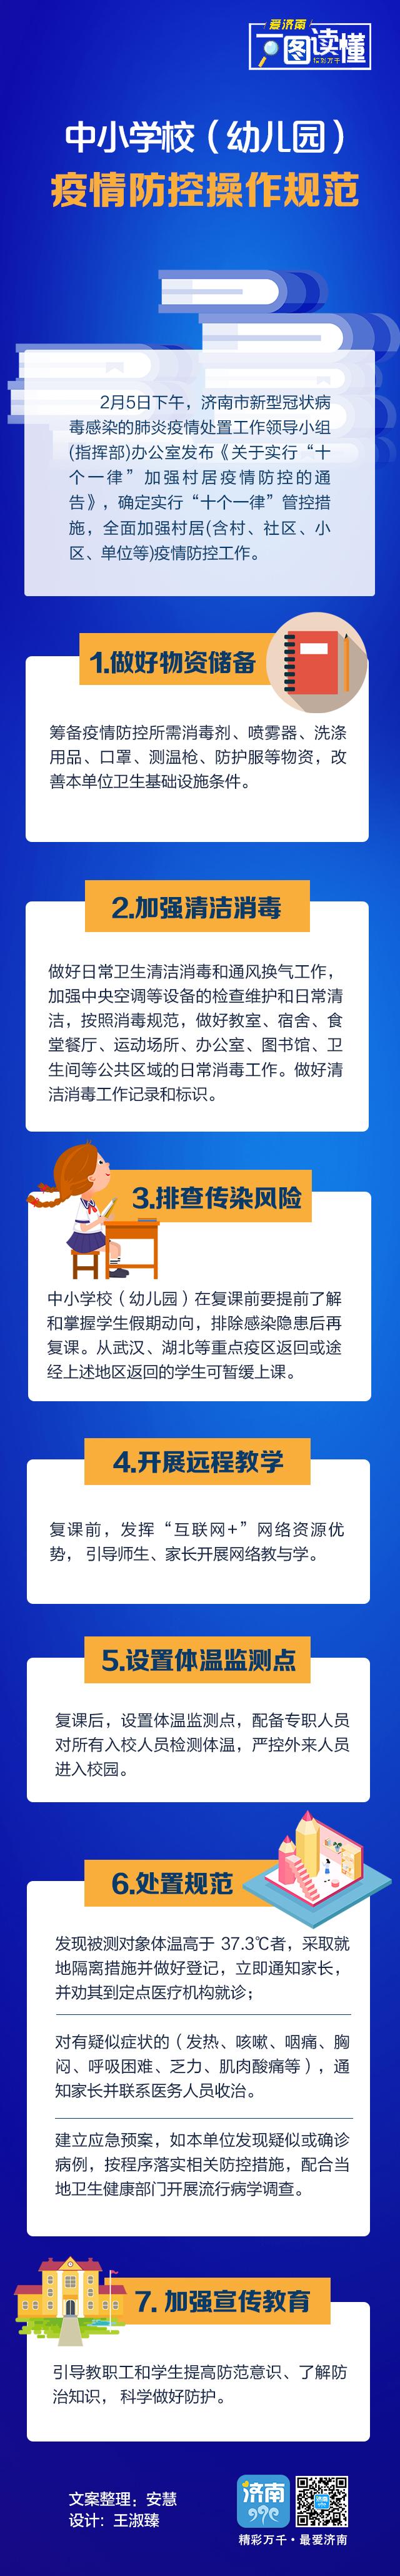 济南市规范八类场所(人群)疫情防控操作规范丨中小学(幼儿园)篇